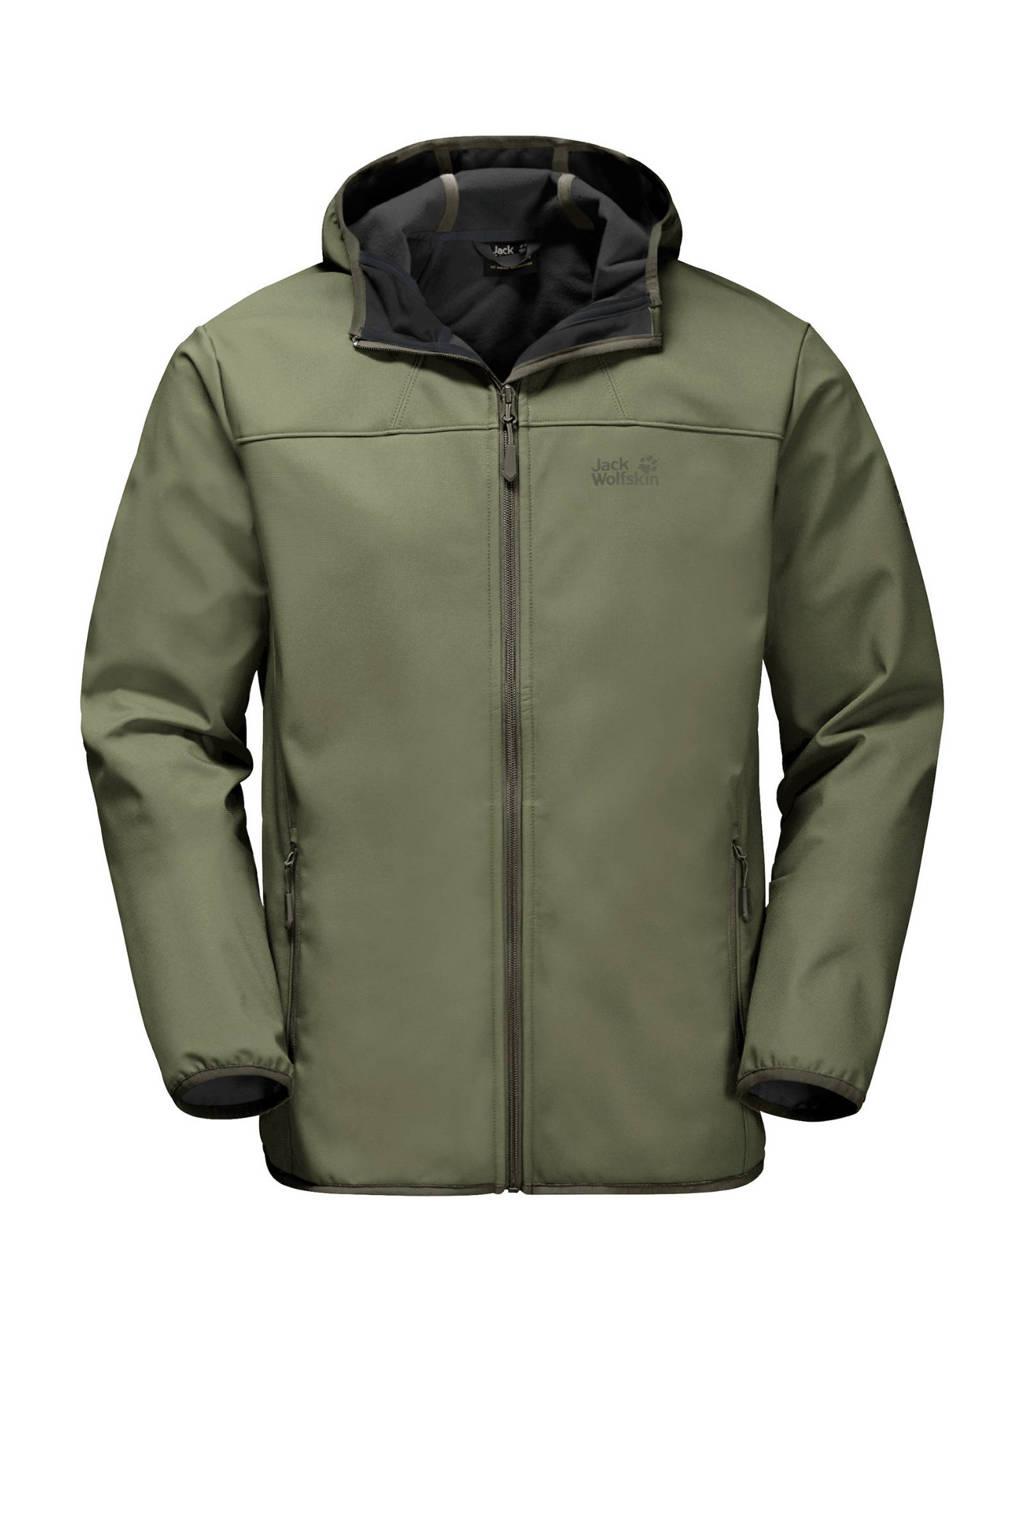 Jack Wolfskin outdoor jas donkergroen, Light-Moss